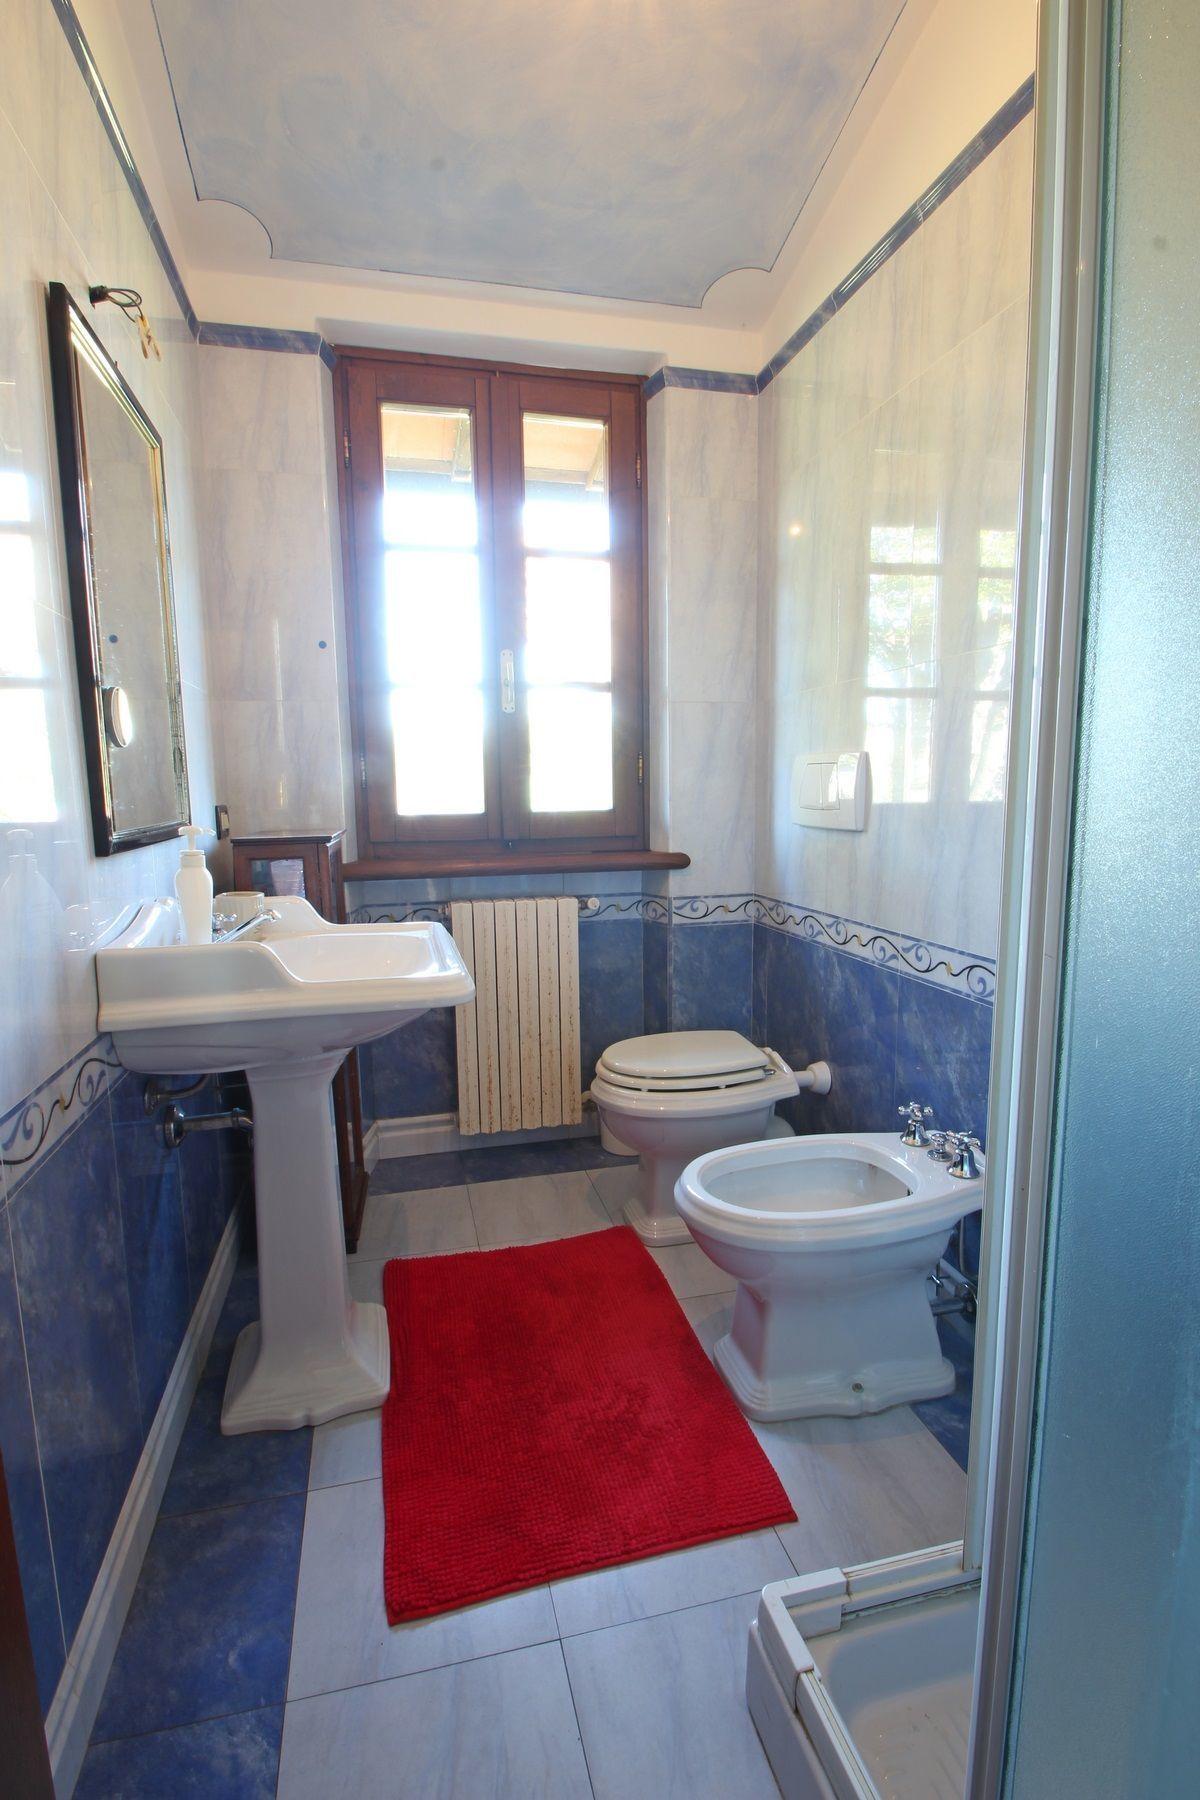 Villa Antonella - Casa vacanze con 10 Posti Letto in 5 Camere  Marina Di Pietrasanta  Toscana ...